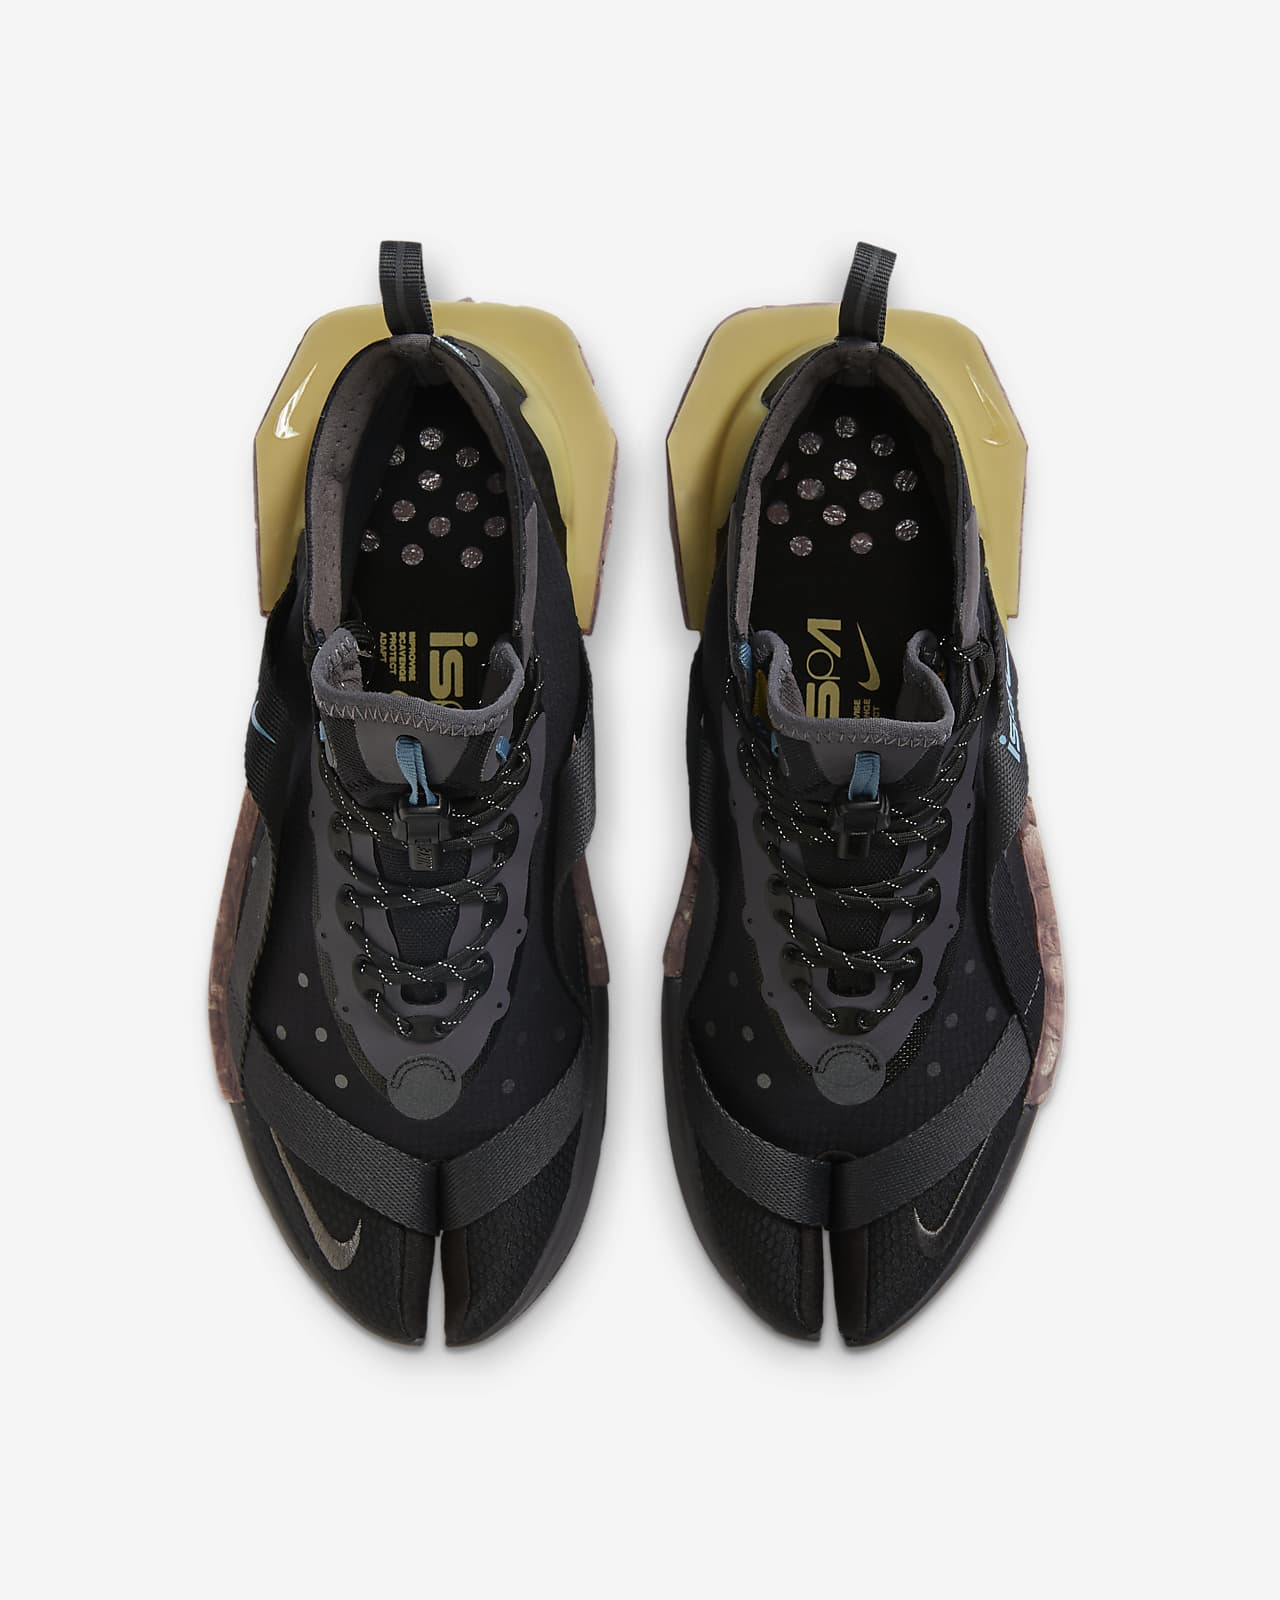 Nike ISPA Drifter Split Shoe. Nike LU